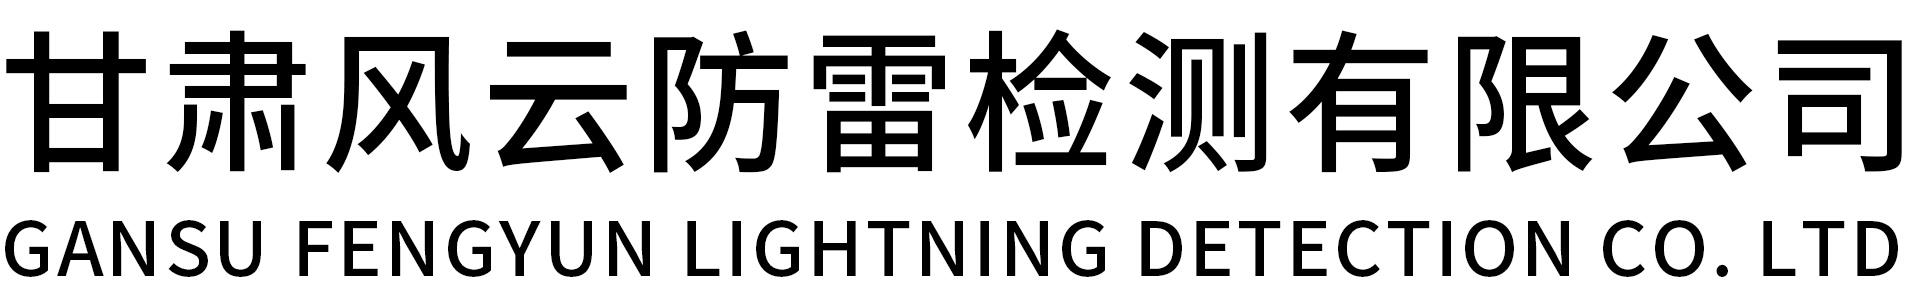 甘肅風云防雷檢測有限公司